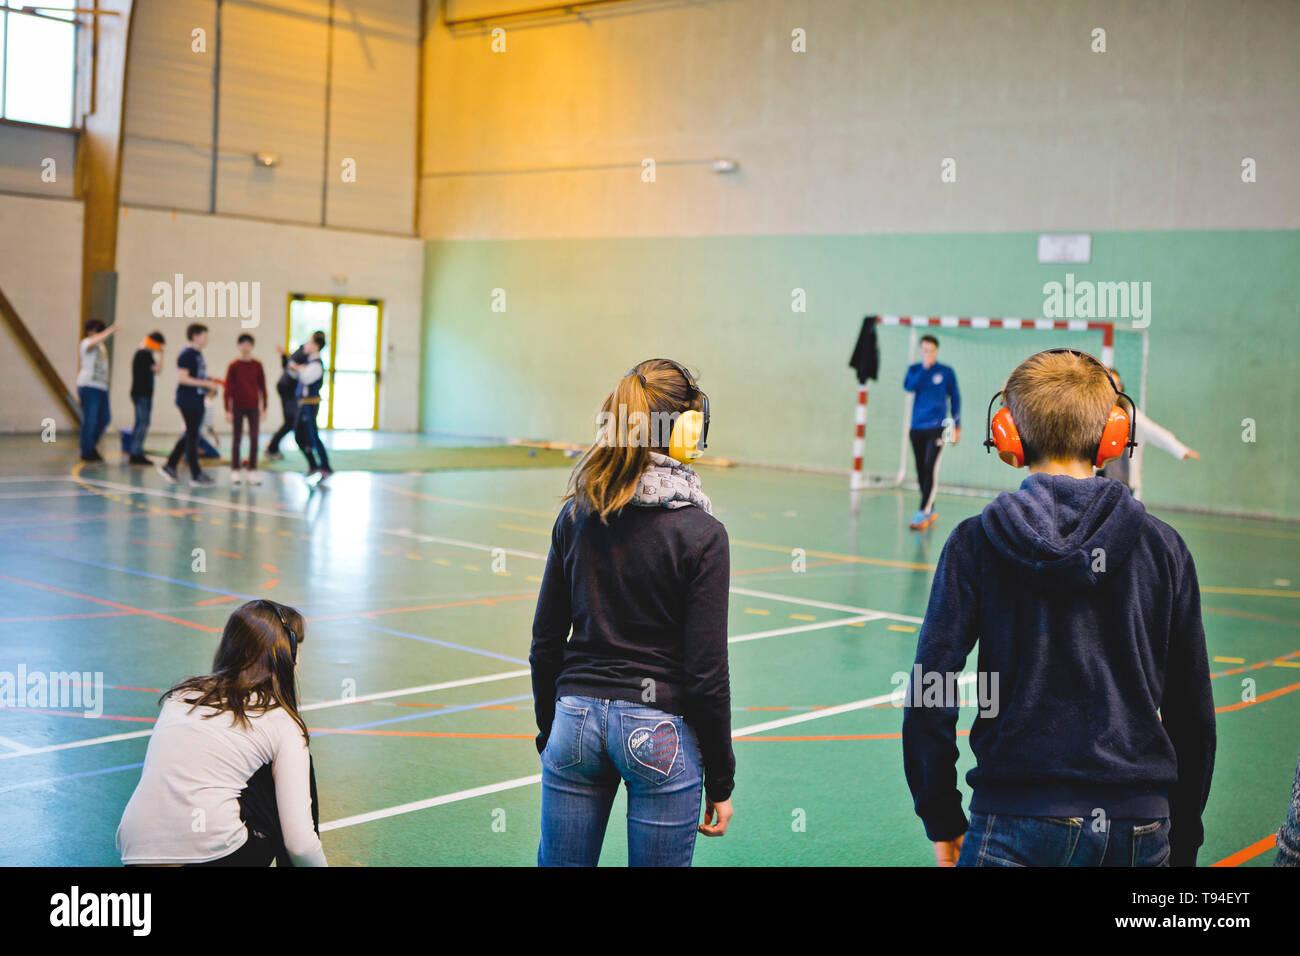 Behinderung Bewusstsein in der Schule. Junge Schüler Schülerinnen und Schüler üben ein Sport mit Ohrenschützer, um herauszufinden, wie es ist taub zu werden. Stockfoto